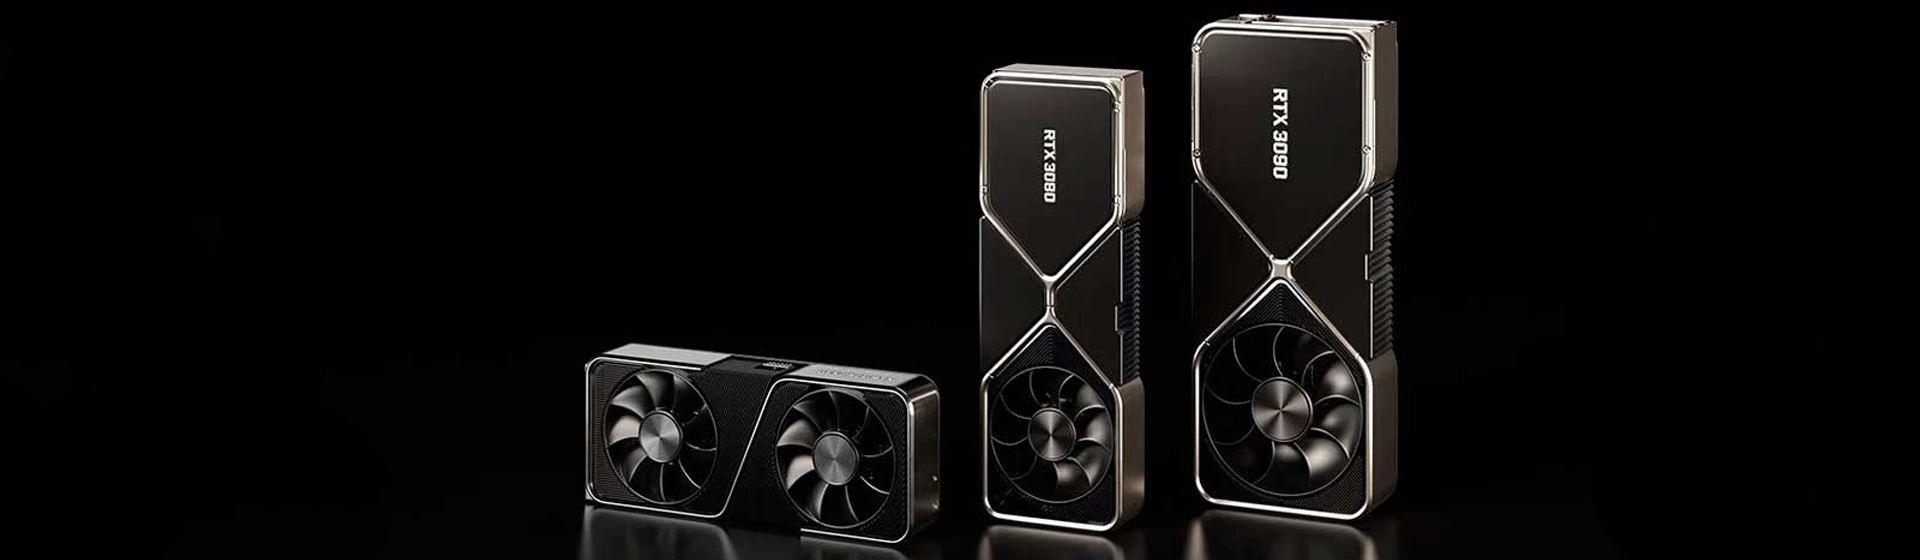 NVIDIA pode lançar RTX 3060 e placas RTX 30 Super e Ti, indica rumor